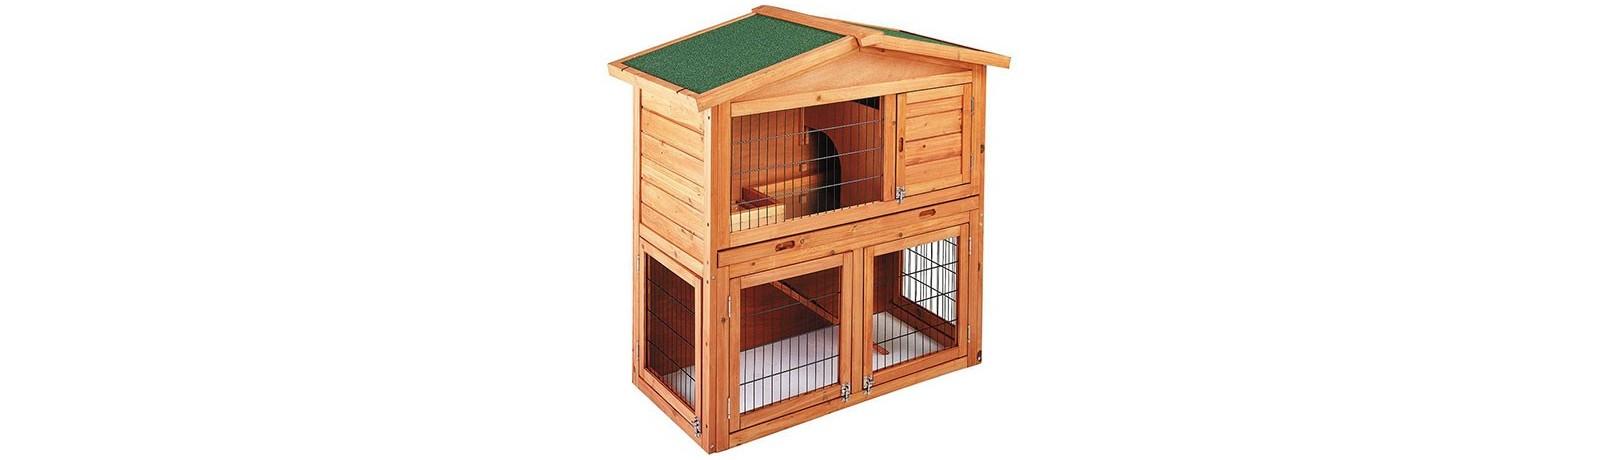 Fabricante de Casetas de Madera para Conejos